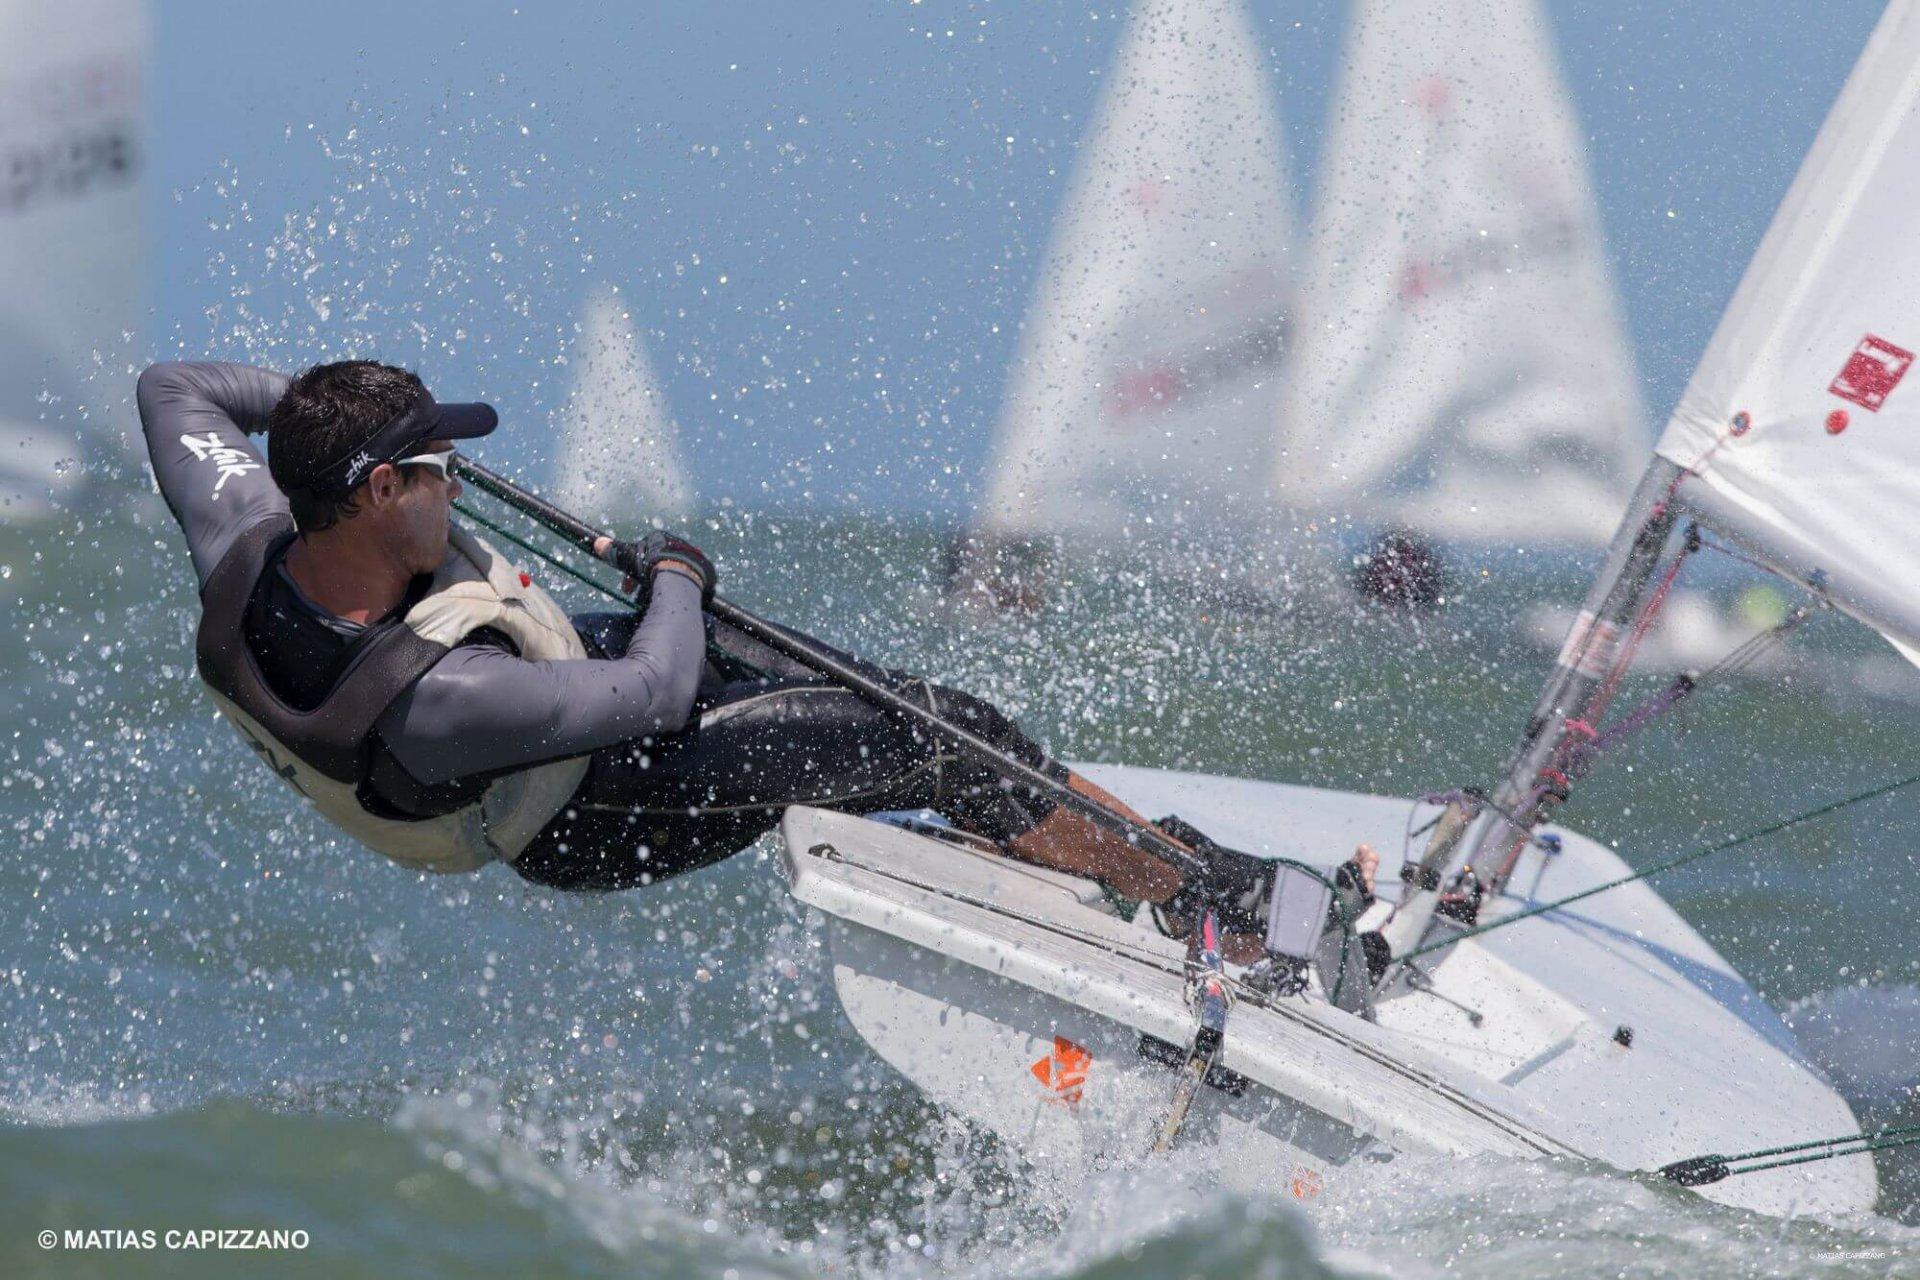 50 Semana Internacional del Yachting© Matias Capizzano